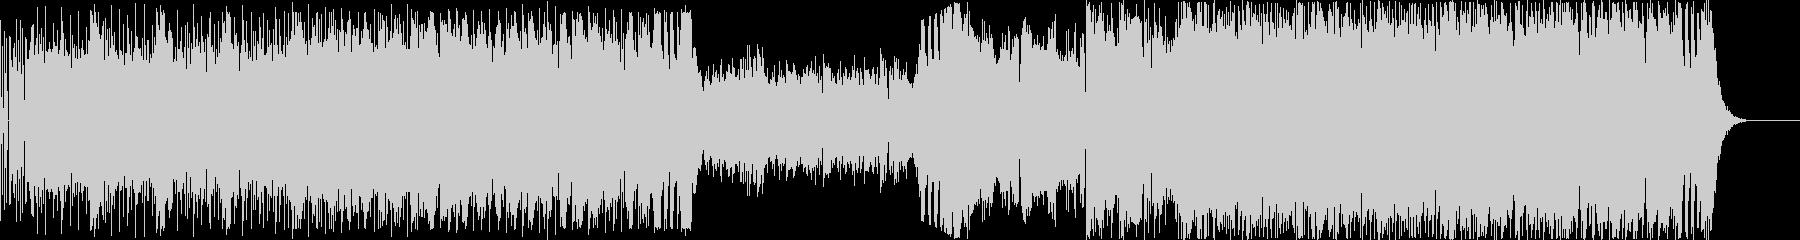 ゲームのバトル系サウンドの未再生の波形